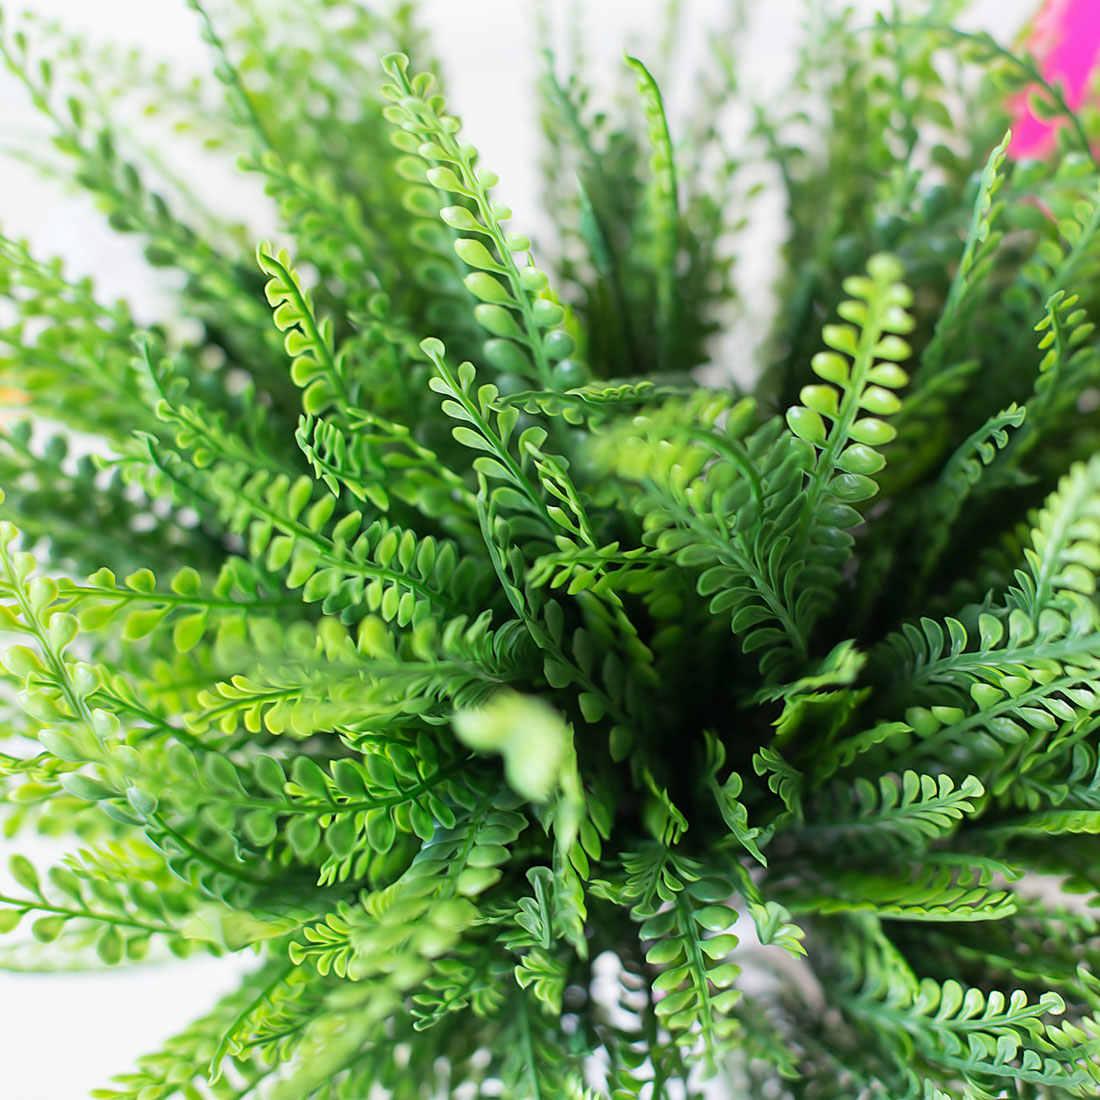 حار بيع النباتات 7-fork الأخضر العشب ل مخزن حفل زفاف الوجهة الزهور البلاستيكية المنزلية ريفي الديكور النباتات وهمية